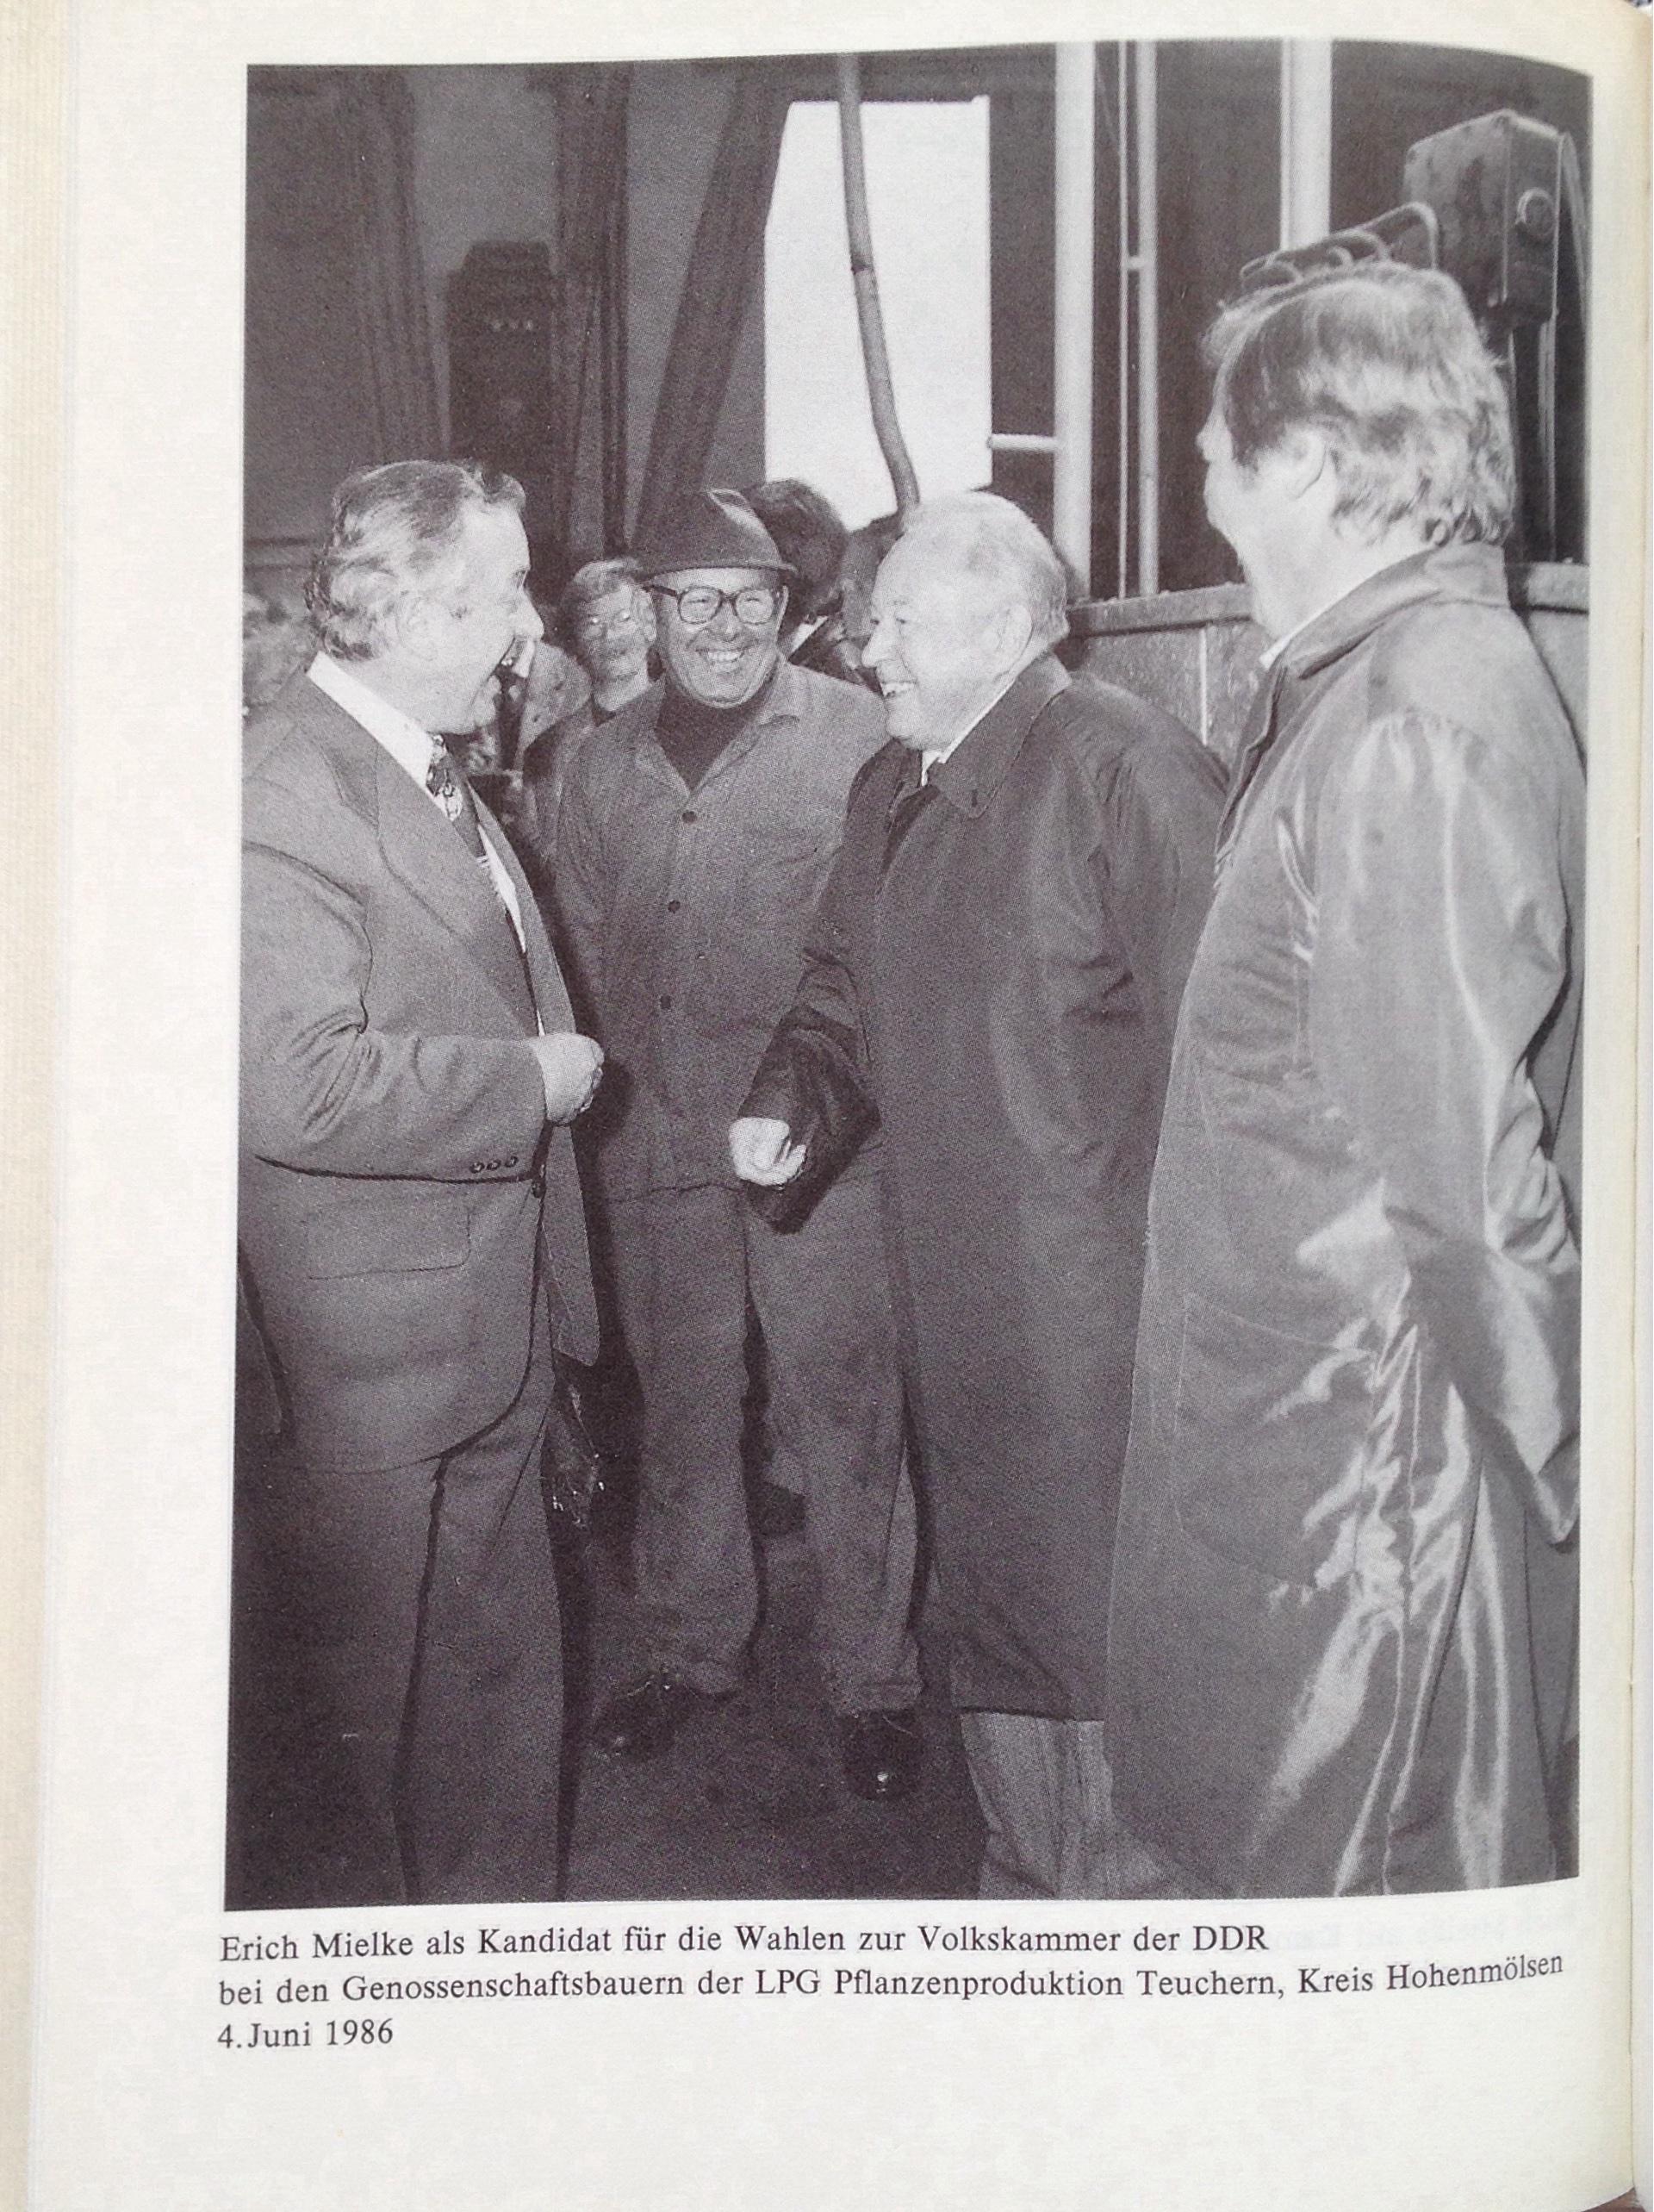 Erich Mielke: Wählerforum 1986